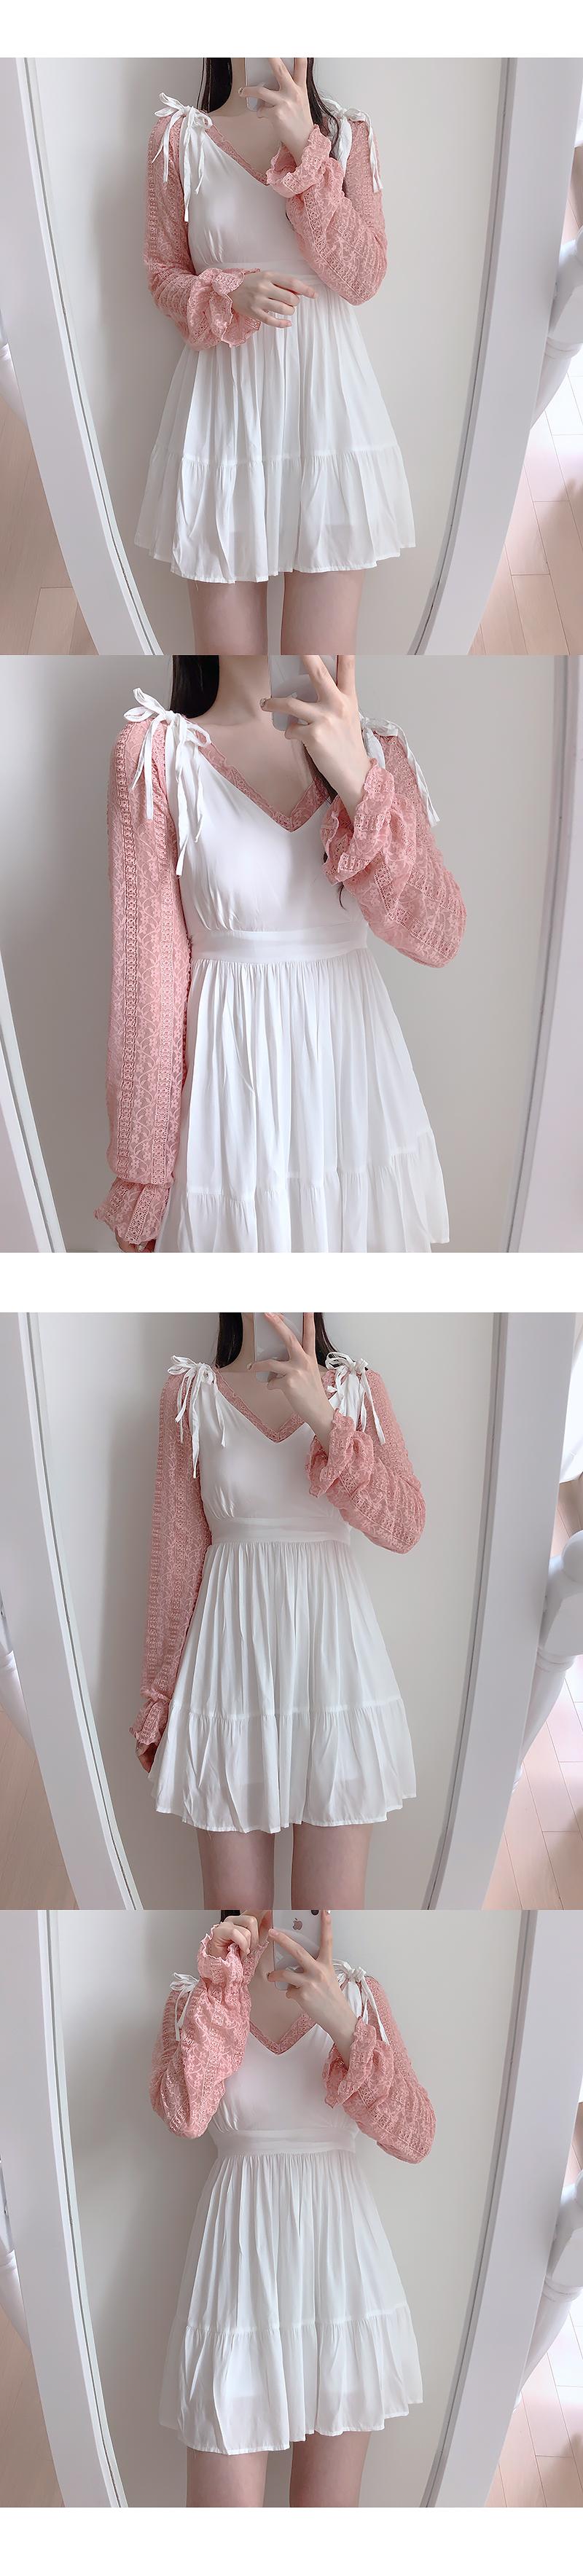 Mardi Mini Ribbon Dress